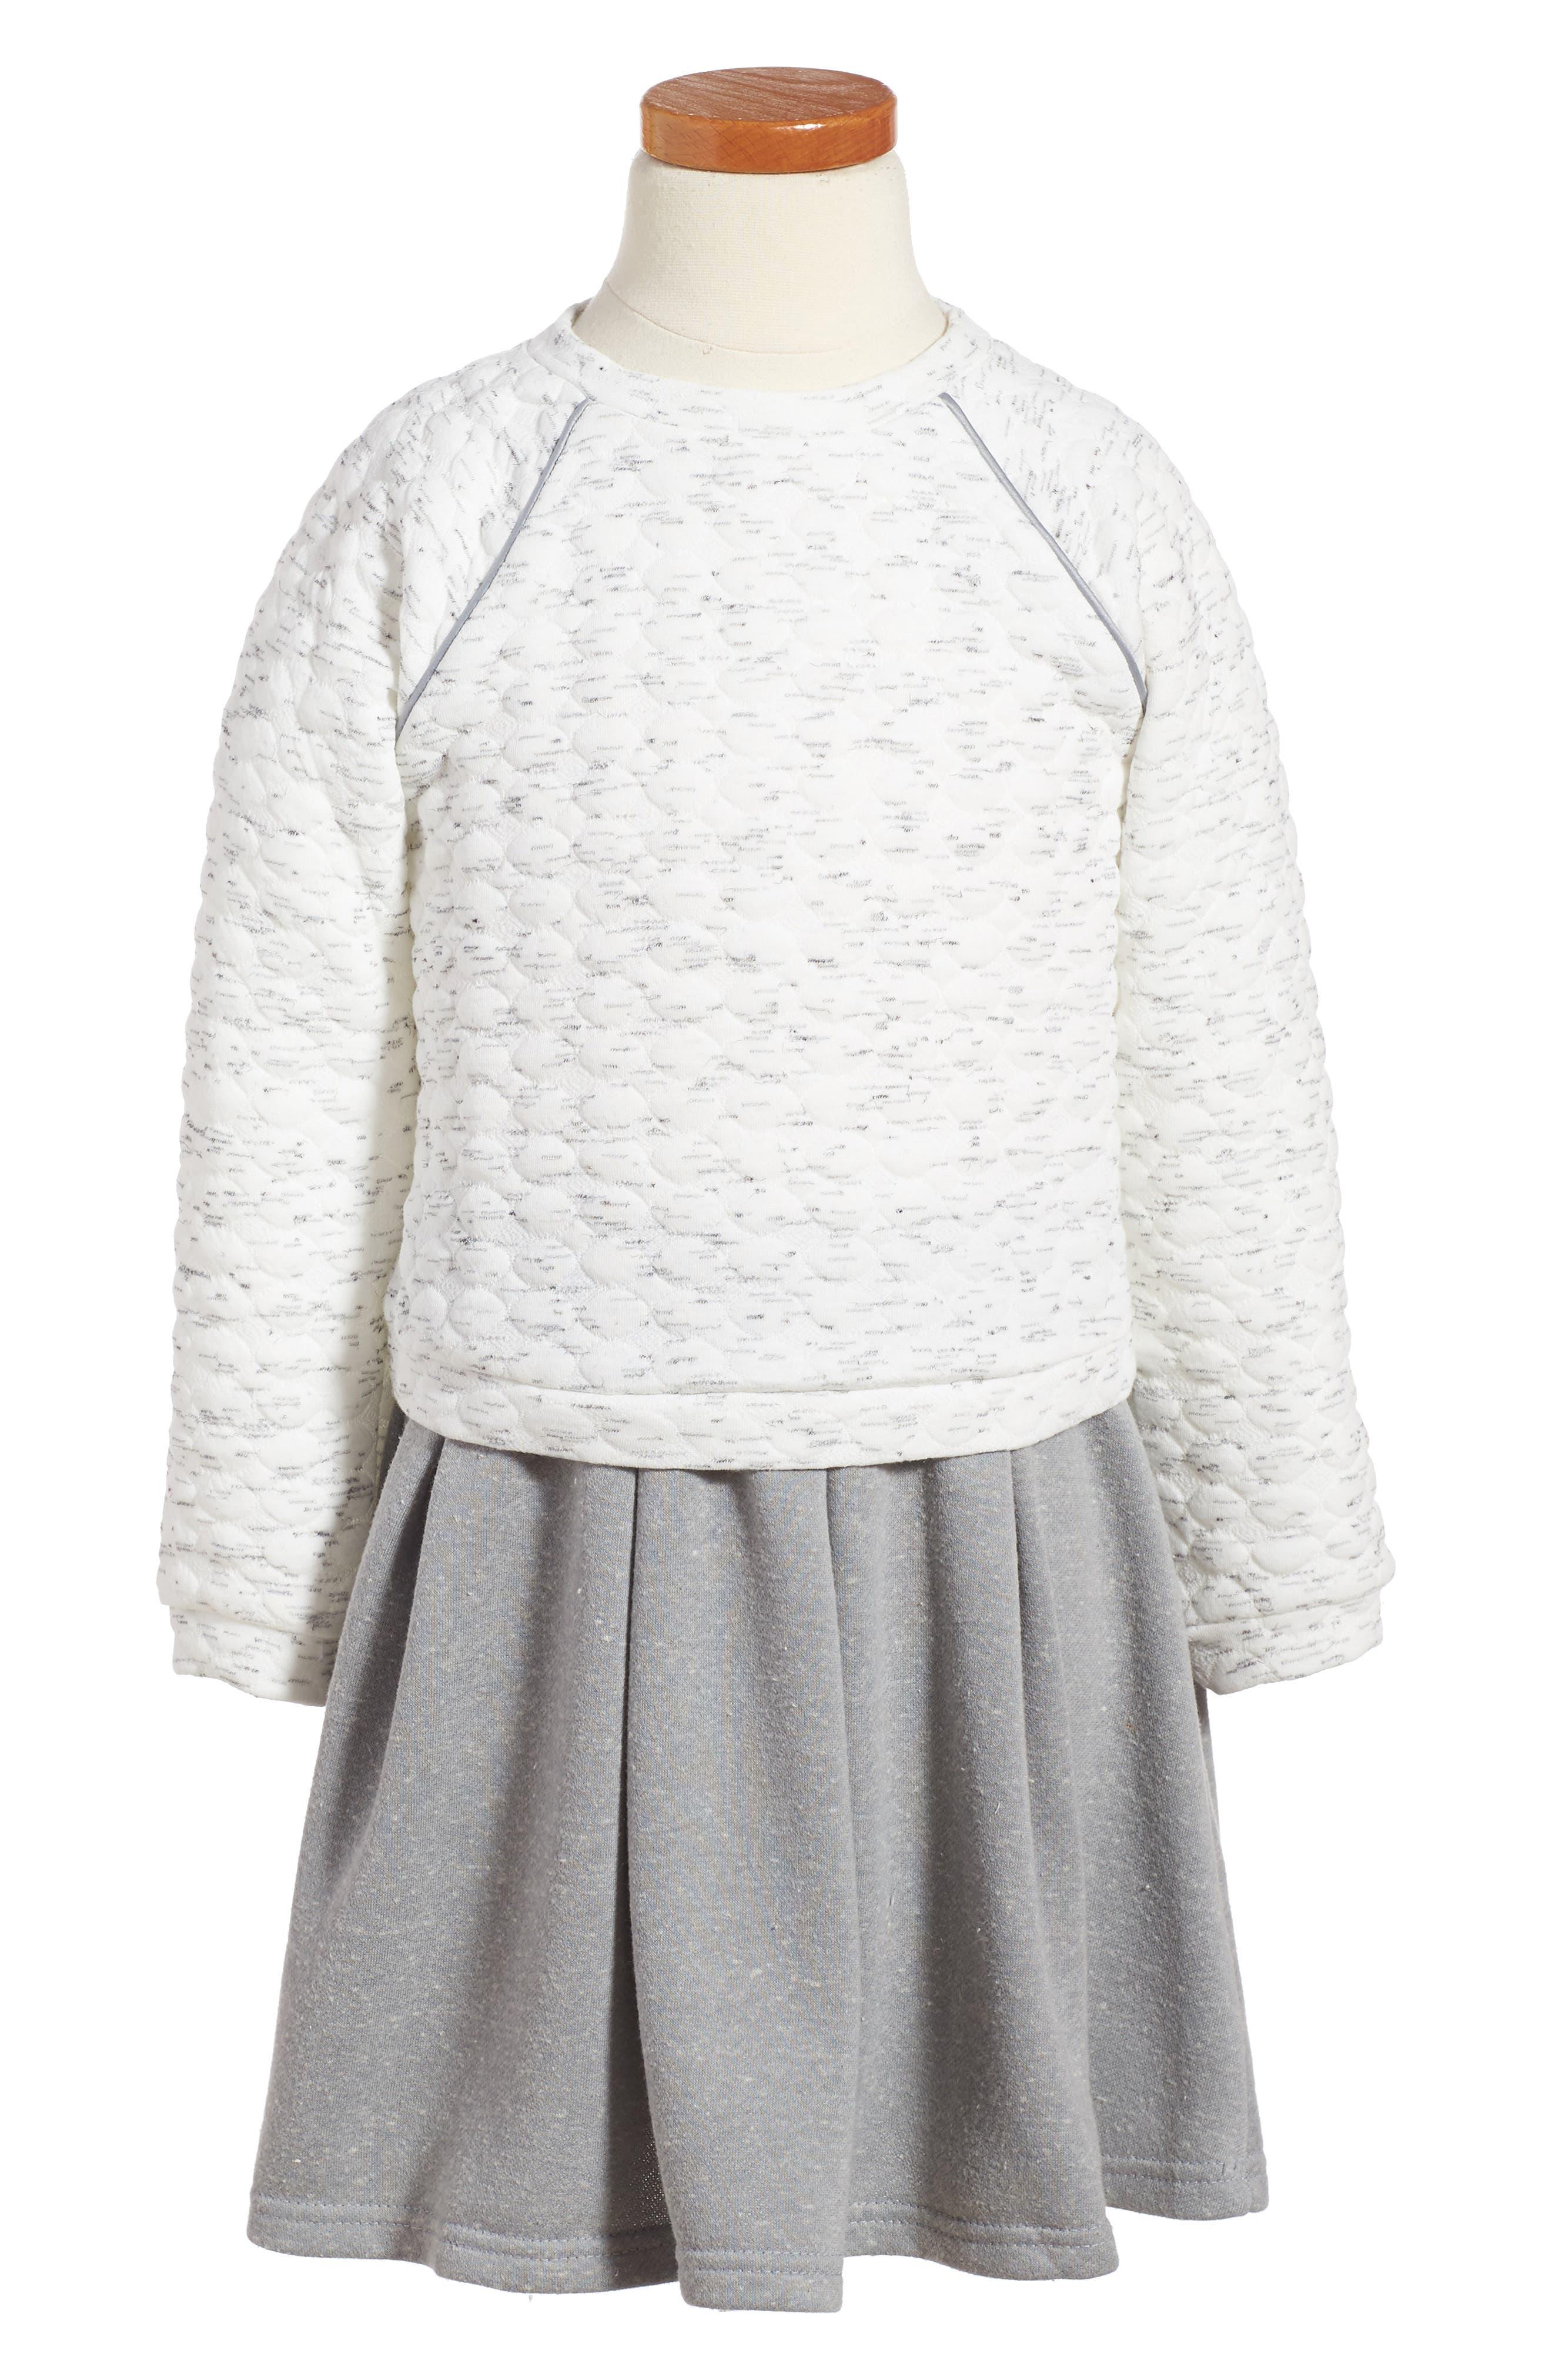 Pippa & Julie Sleeveless Dress & Sweatshirt Set (Toddler Girls & Little Girls)